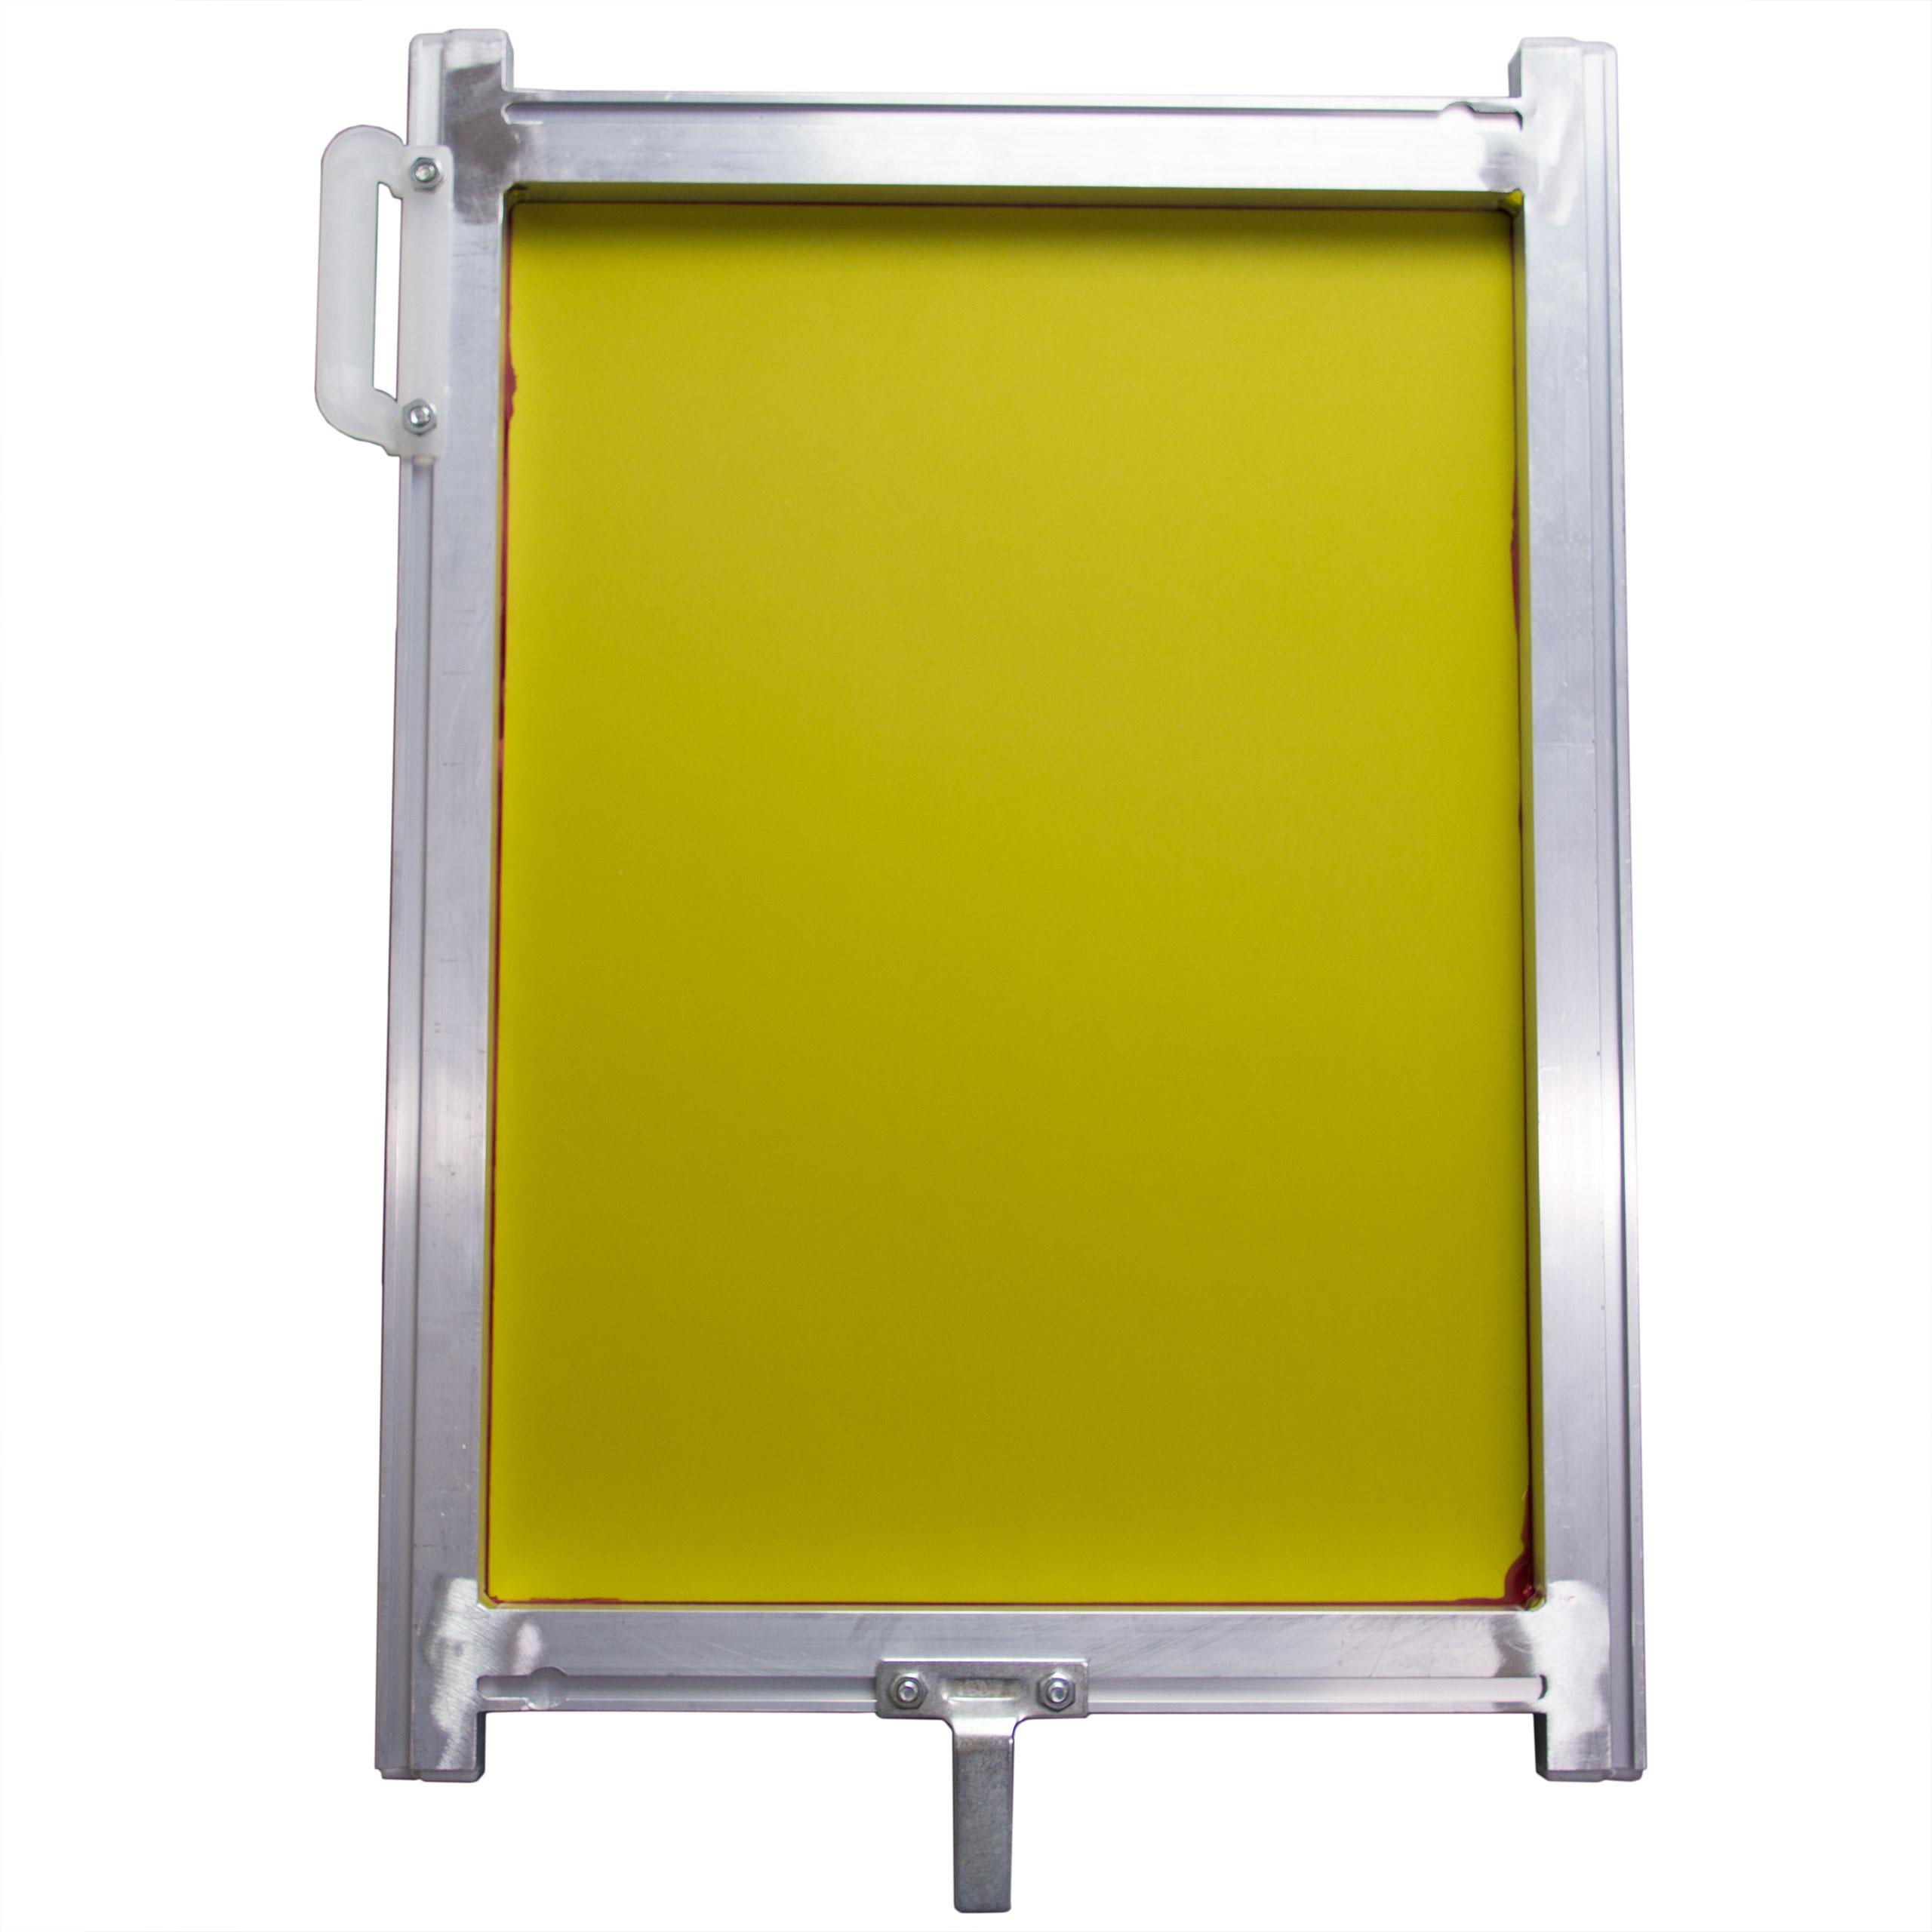 77T Siebdruckrahmen Line Table 16x22 Zoll Textildruck Rasterdruck DIN-A3+